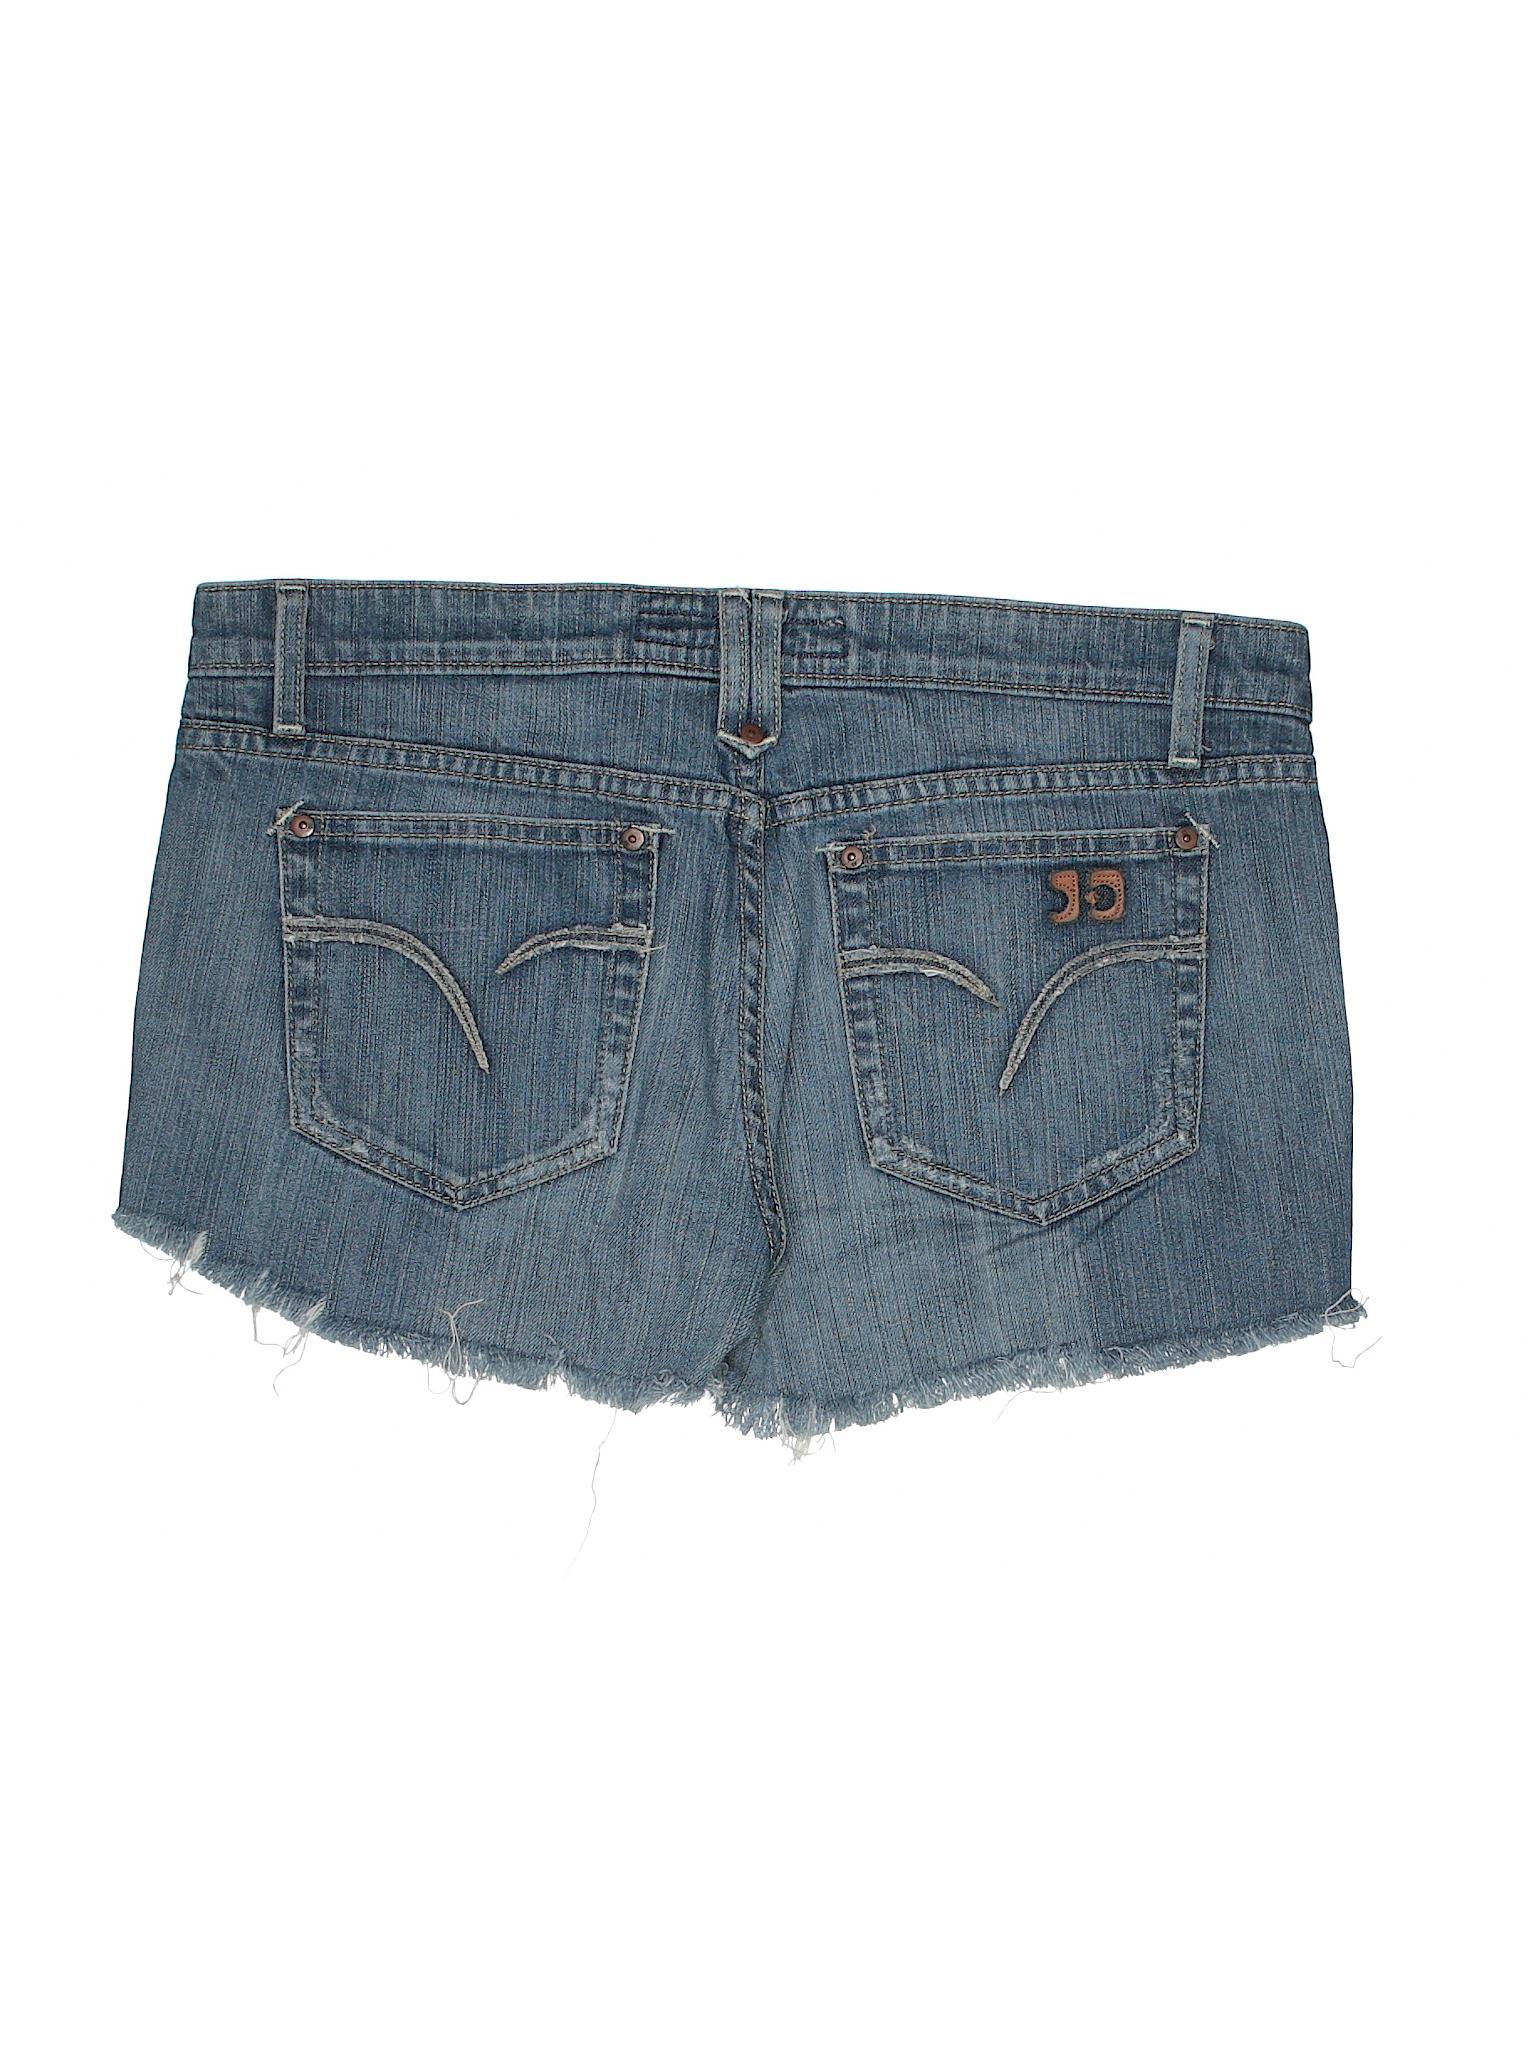 Joe's Shorts Joe's Boutique Jeans Jeans Shorts Joe's Jeans Boutique Boutique Denim Denim Shorts Boutique Denim xY16Awq4